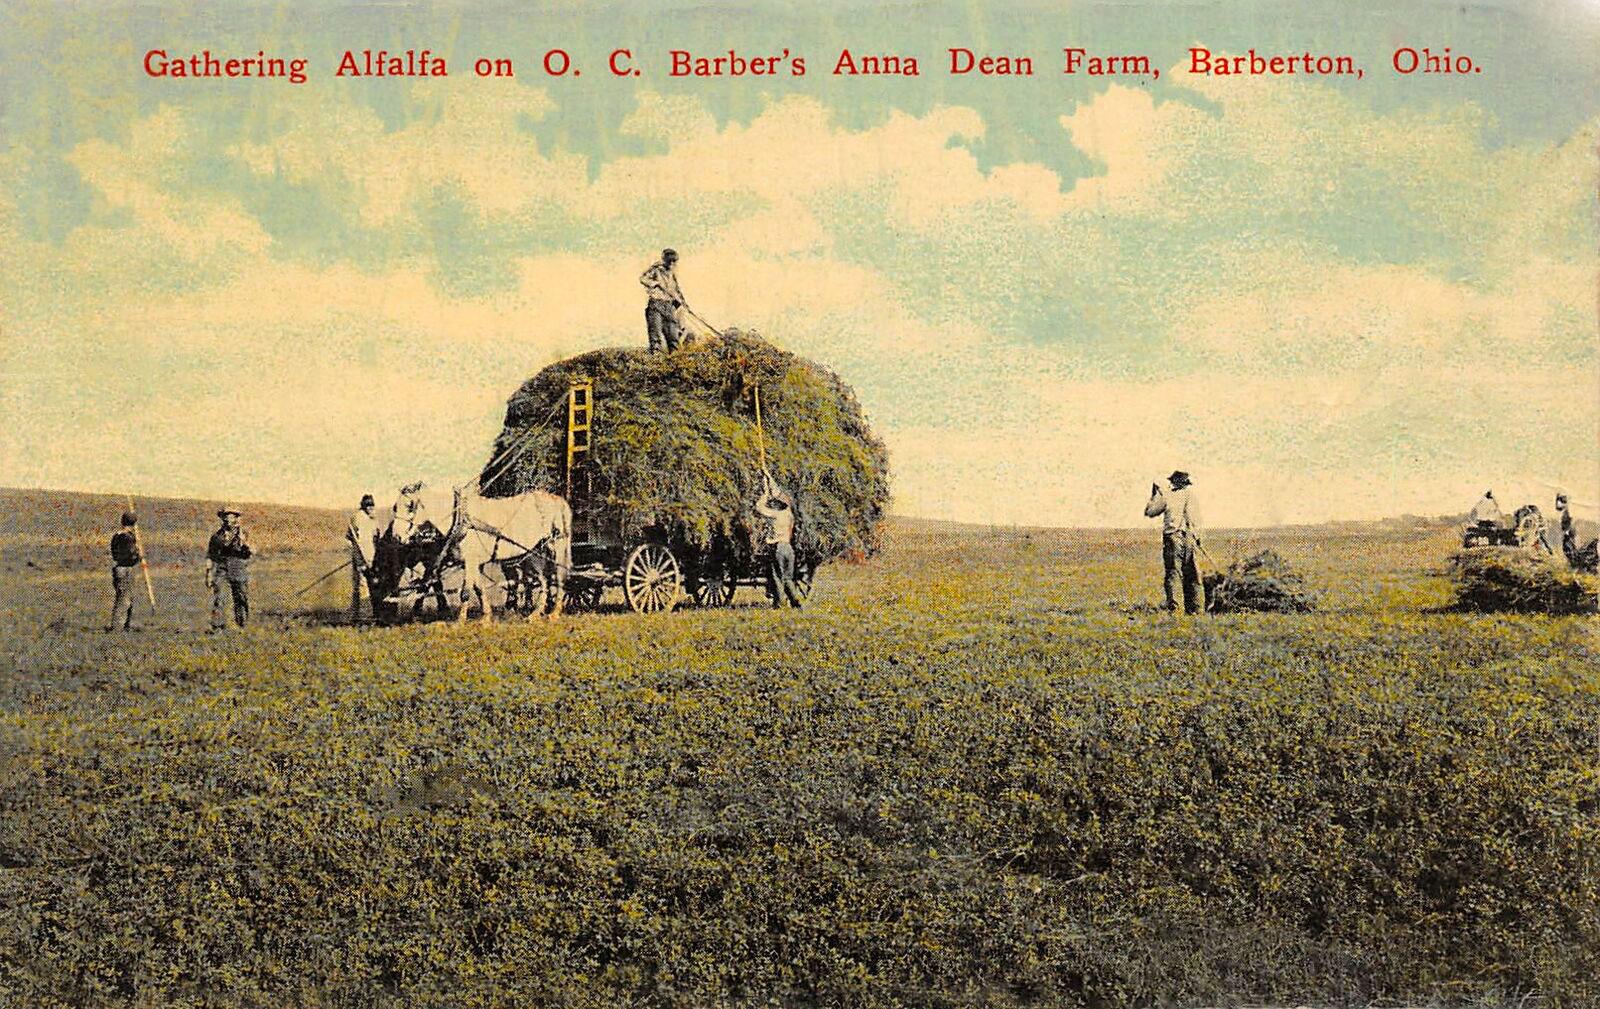 barberton-farm